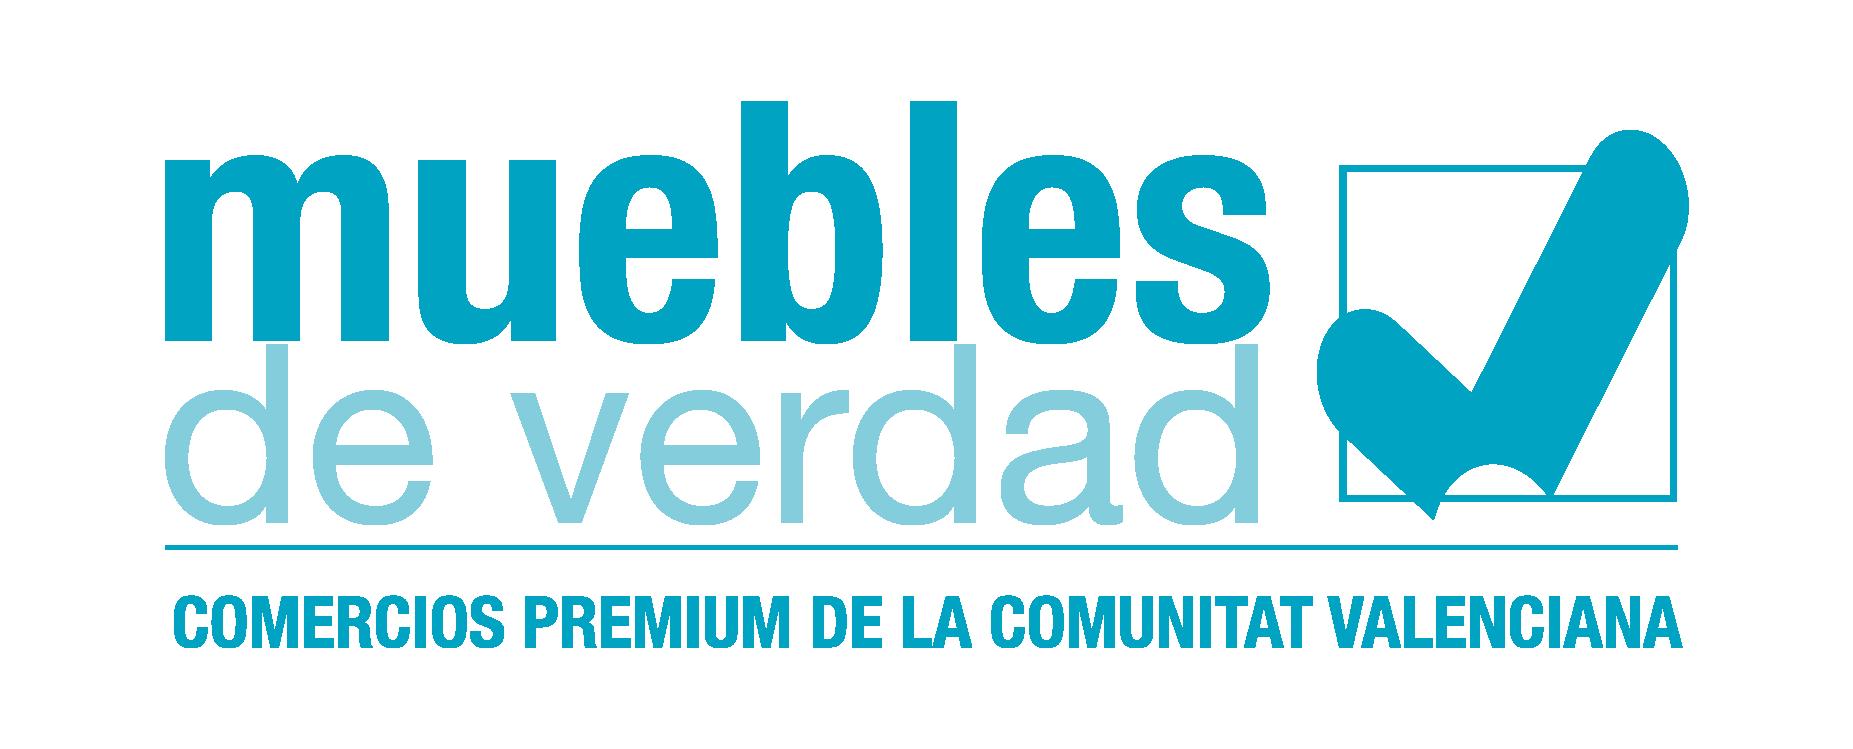 MUEBLES DE VERDAD-01